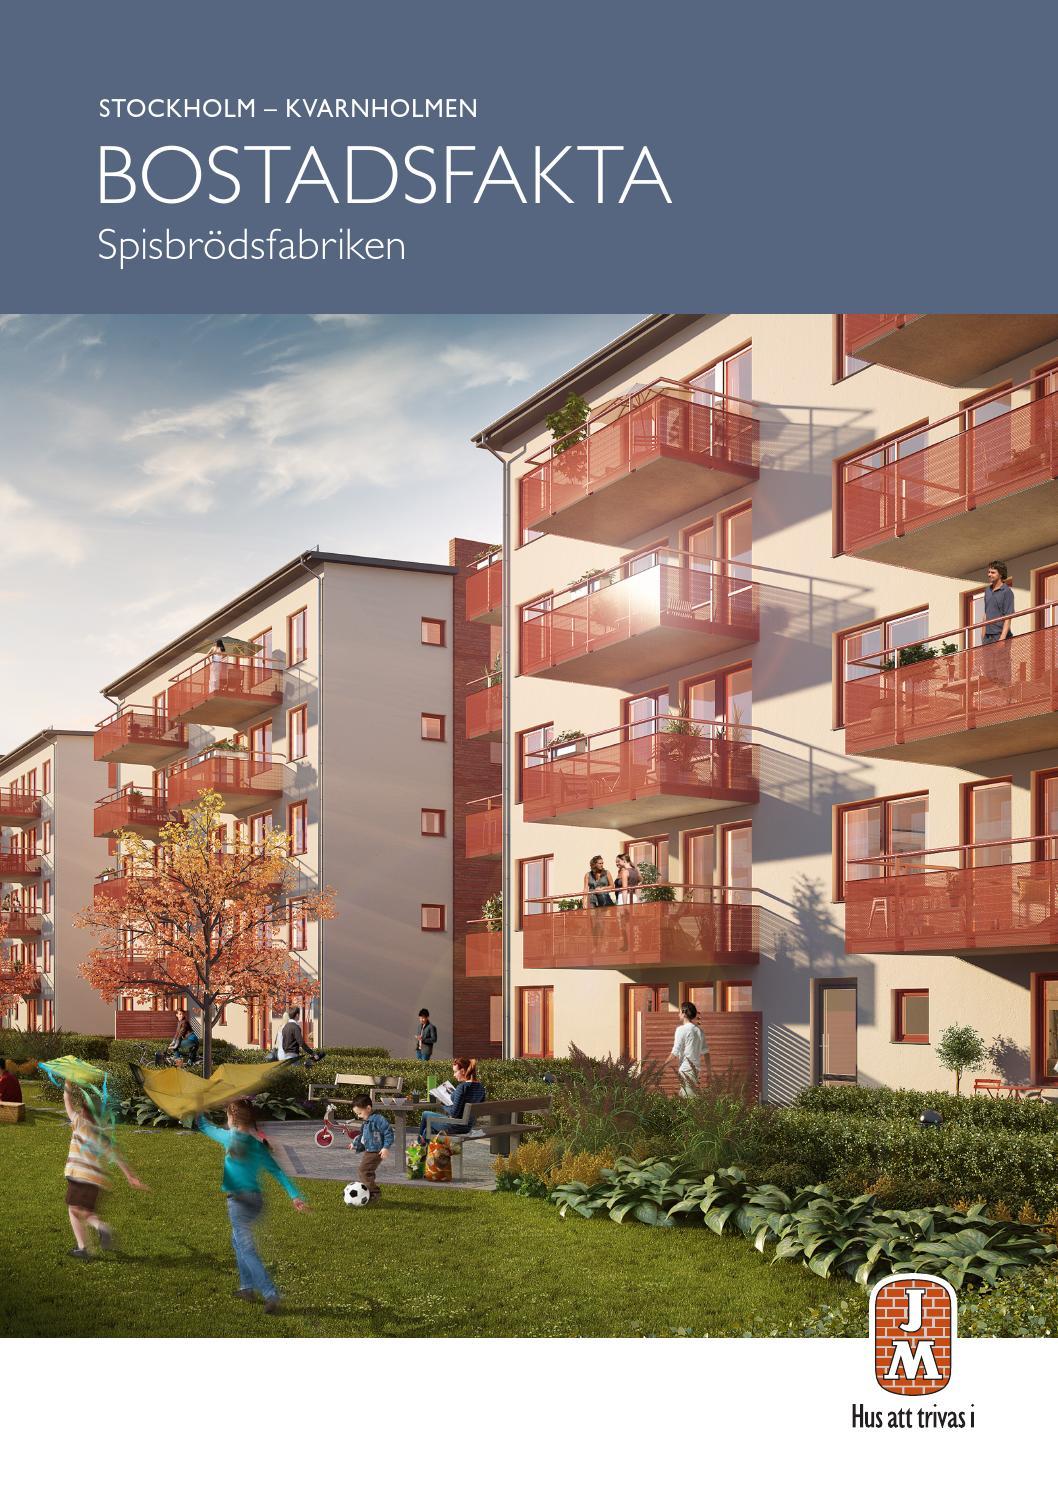 JM, Stockholm: Kvarnholmen - Spisbrödsfabriken. Bostadsfakta 2014 ...